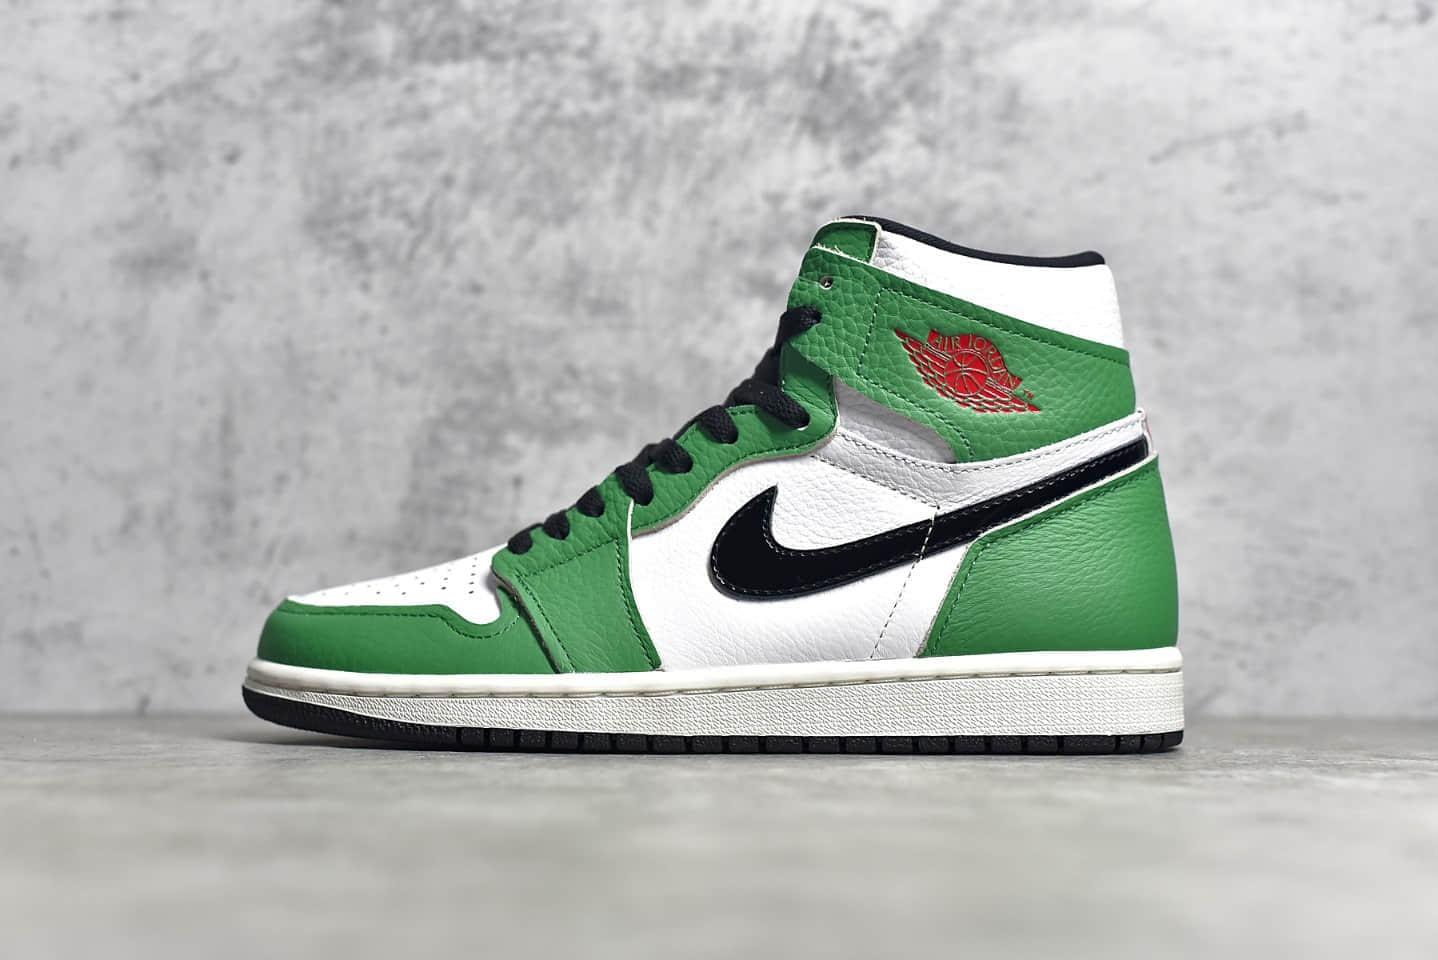 """AJ1凯尔特人高帮酷似喜力的一个配色 Air Jordan 1 Retro High OG AJ1"""" Lucky Green""""原厂顶级 货号:DB4612-300-潮流者之家"""